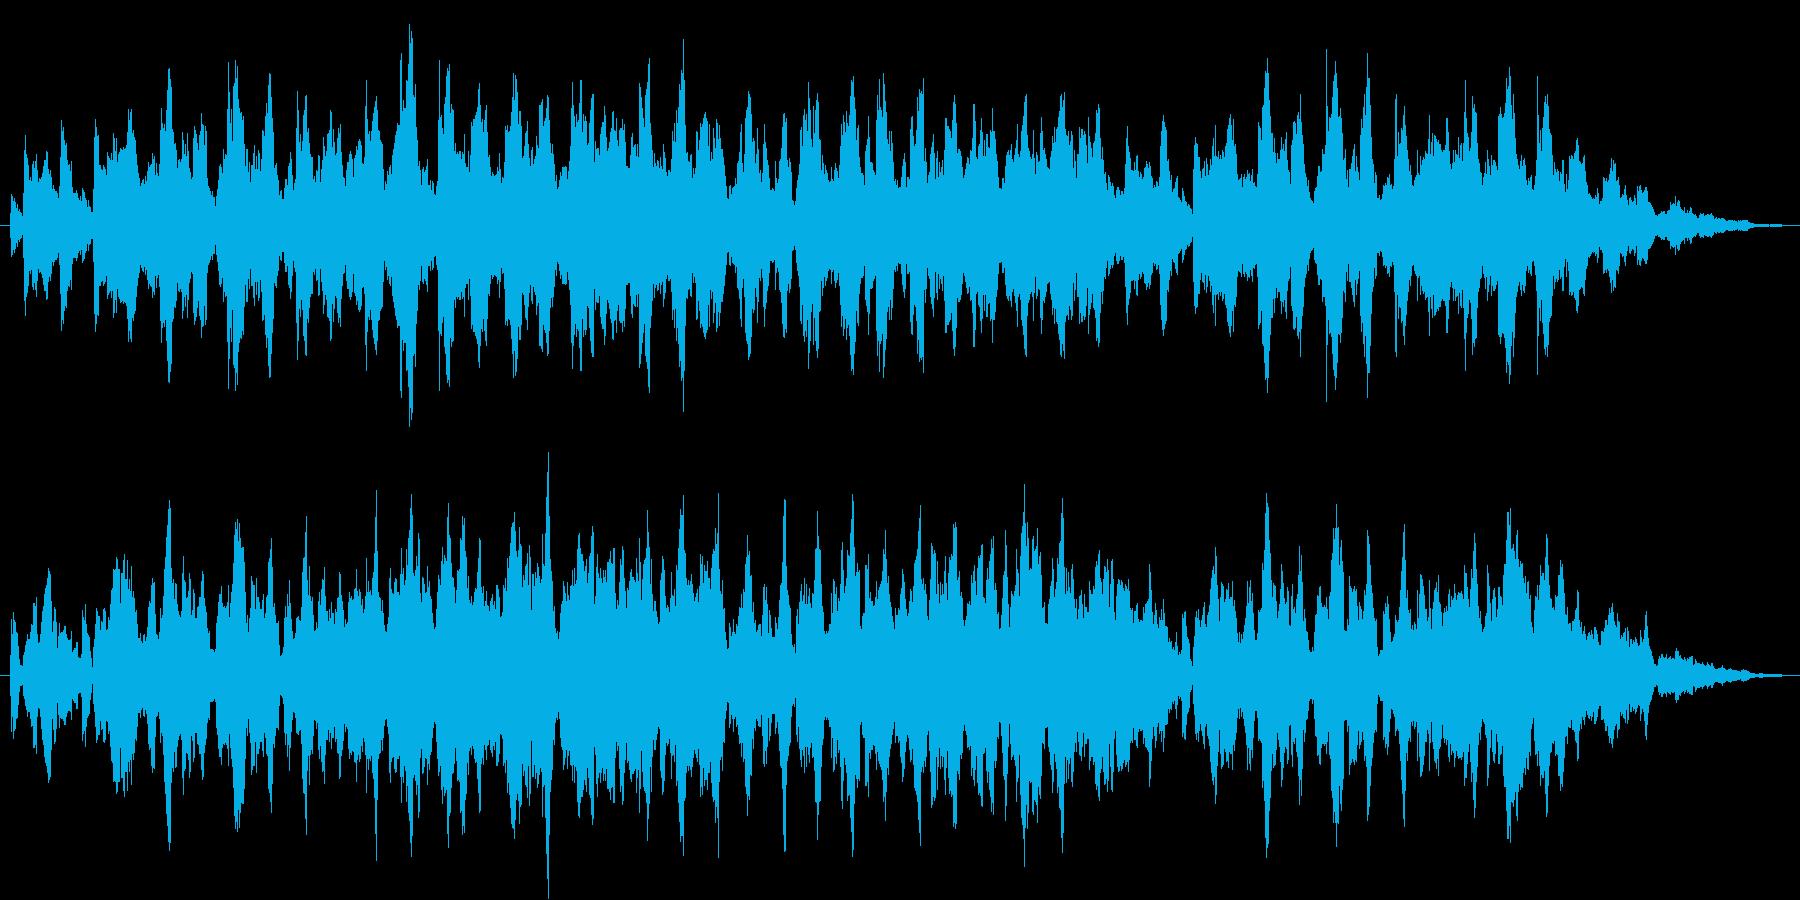 孤独の渇き(悲しみ)【ストリングス】の再生済みの波形